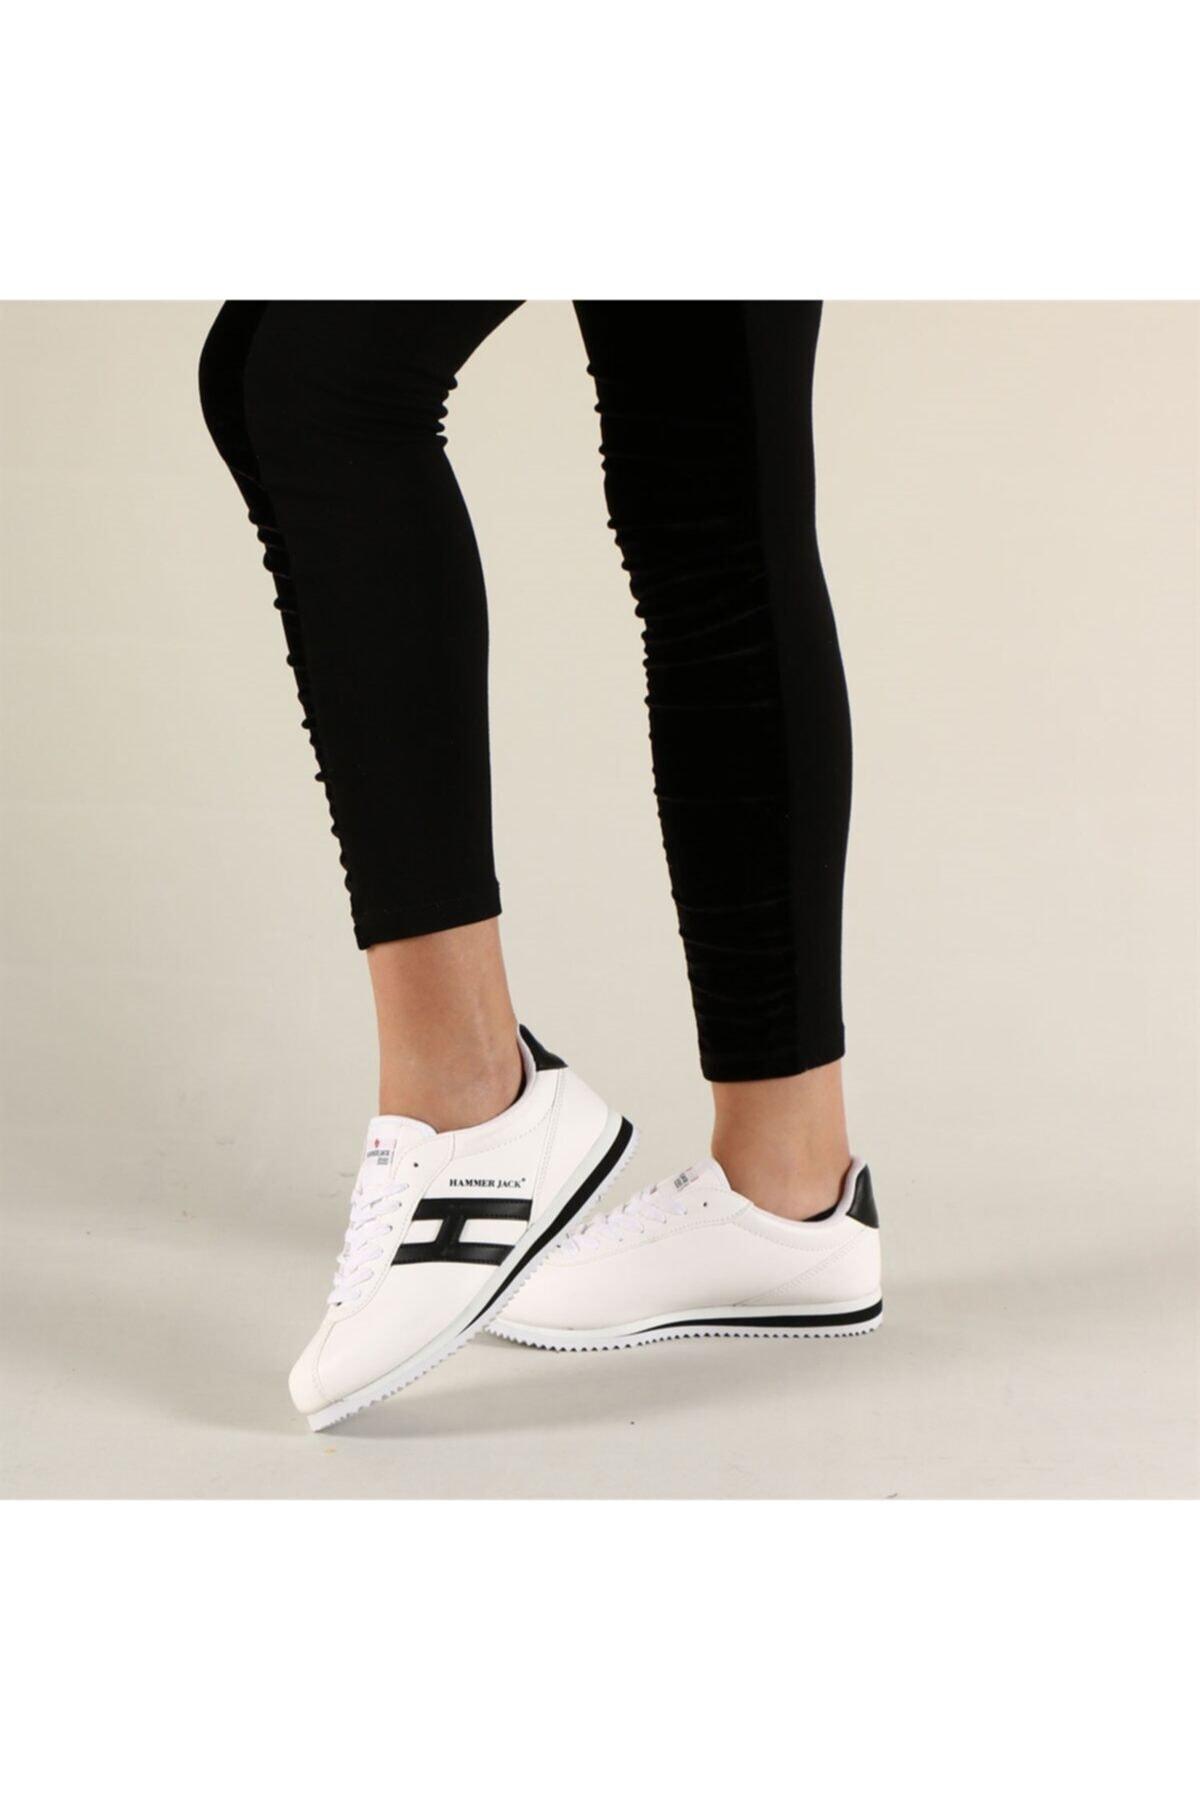 Hammer Jack Kadın Beyaz Sneakers Shoes Butik 2